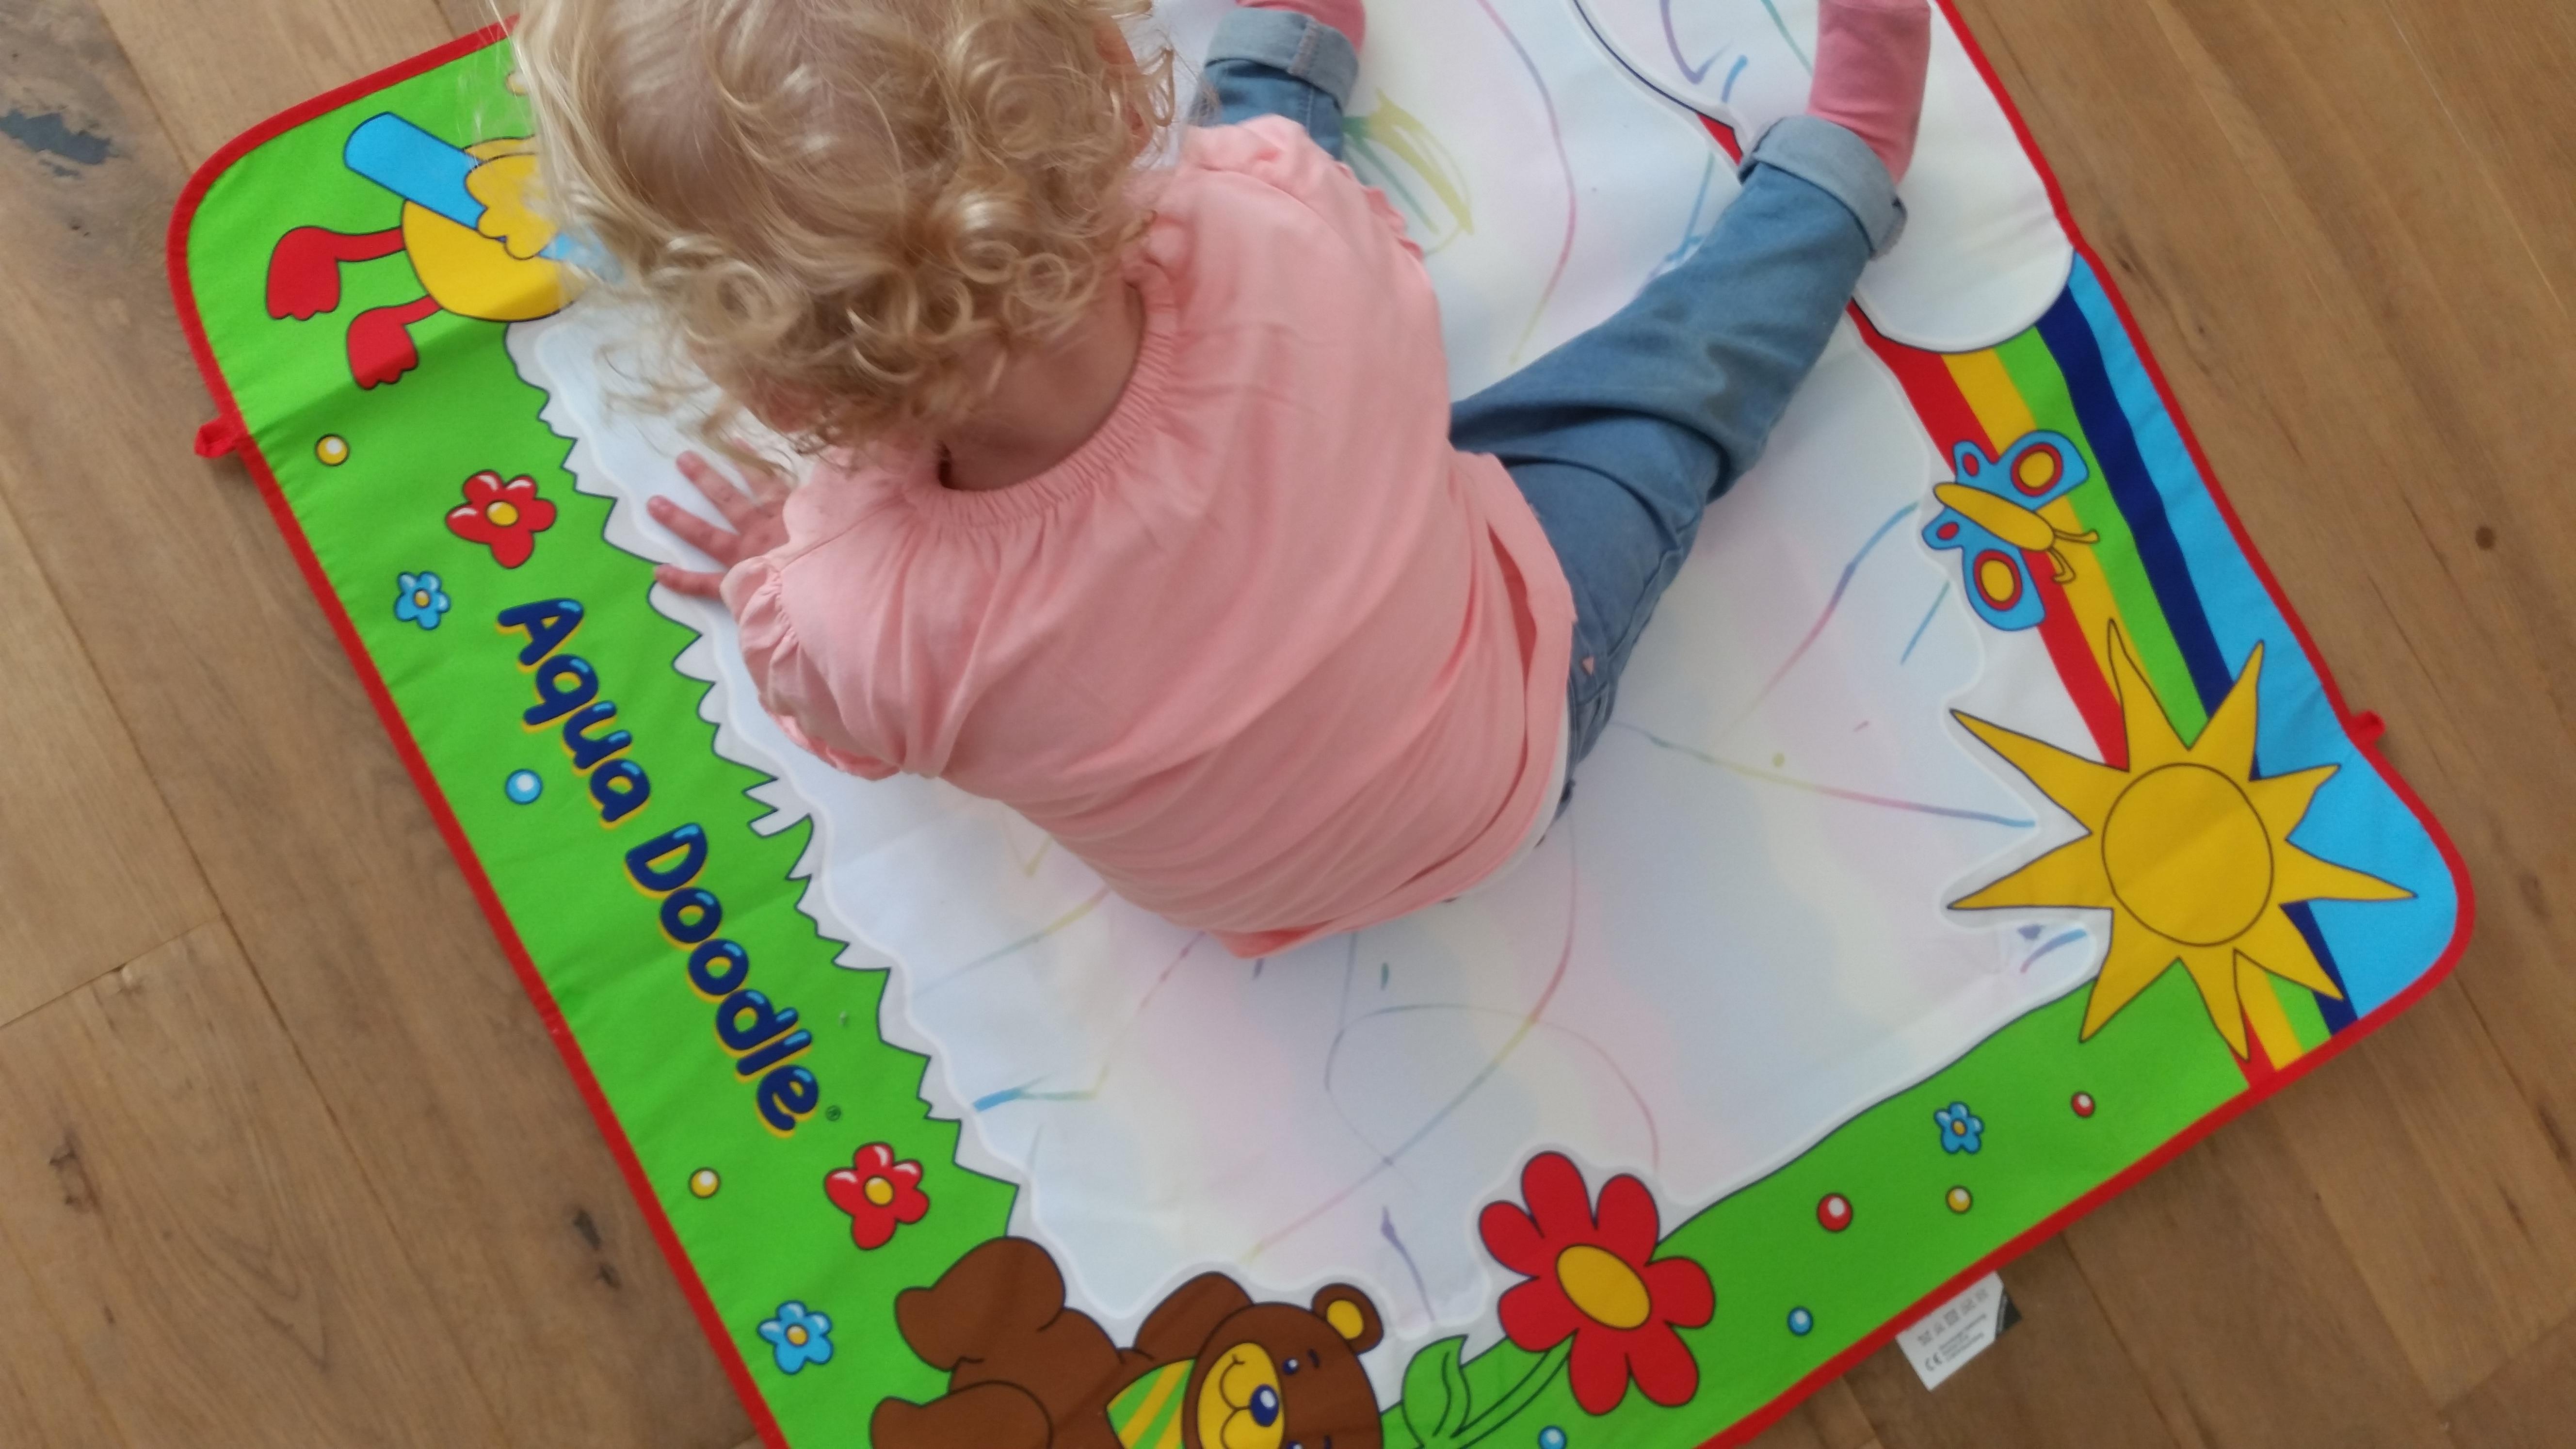 7-16-aqua-doodle-baby-kinderen-kleuren-water-stift-nanny-moeder-amsterdam--ravensburger-boven